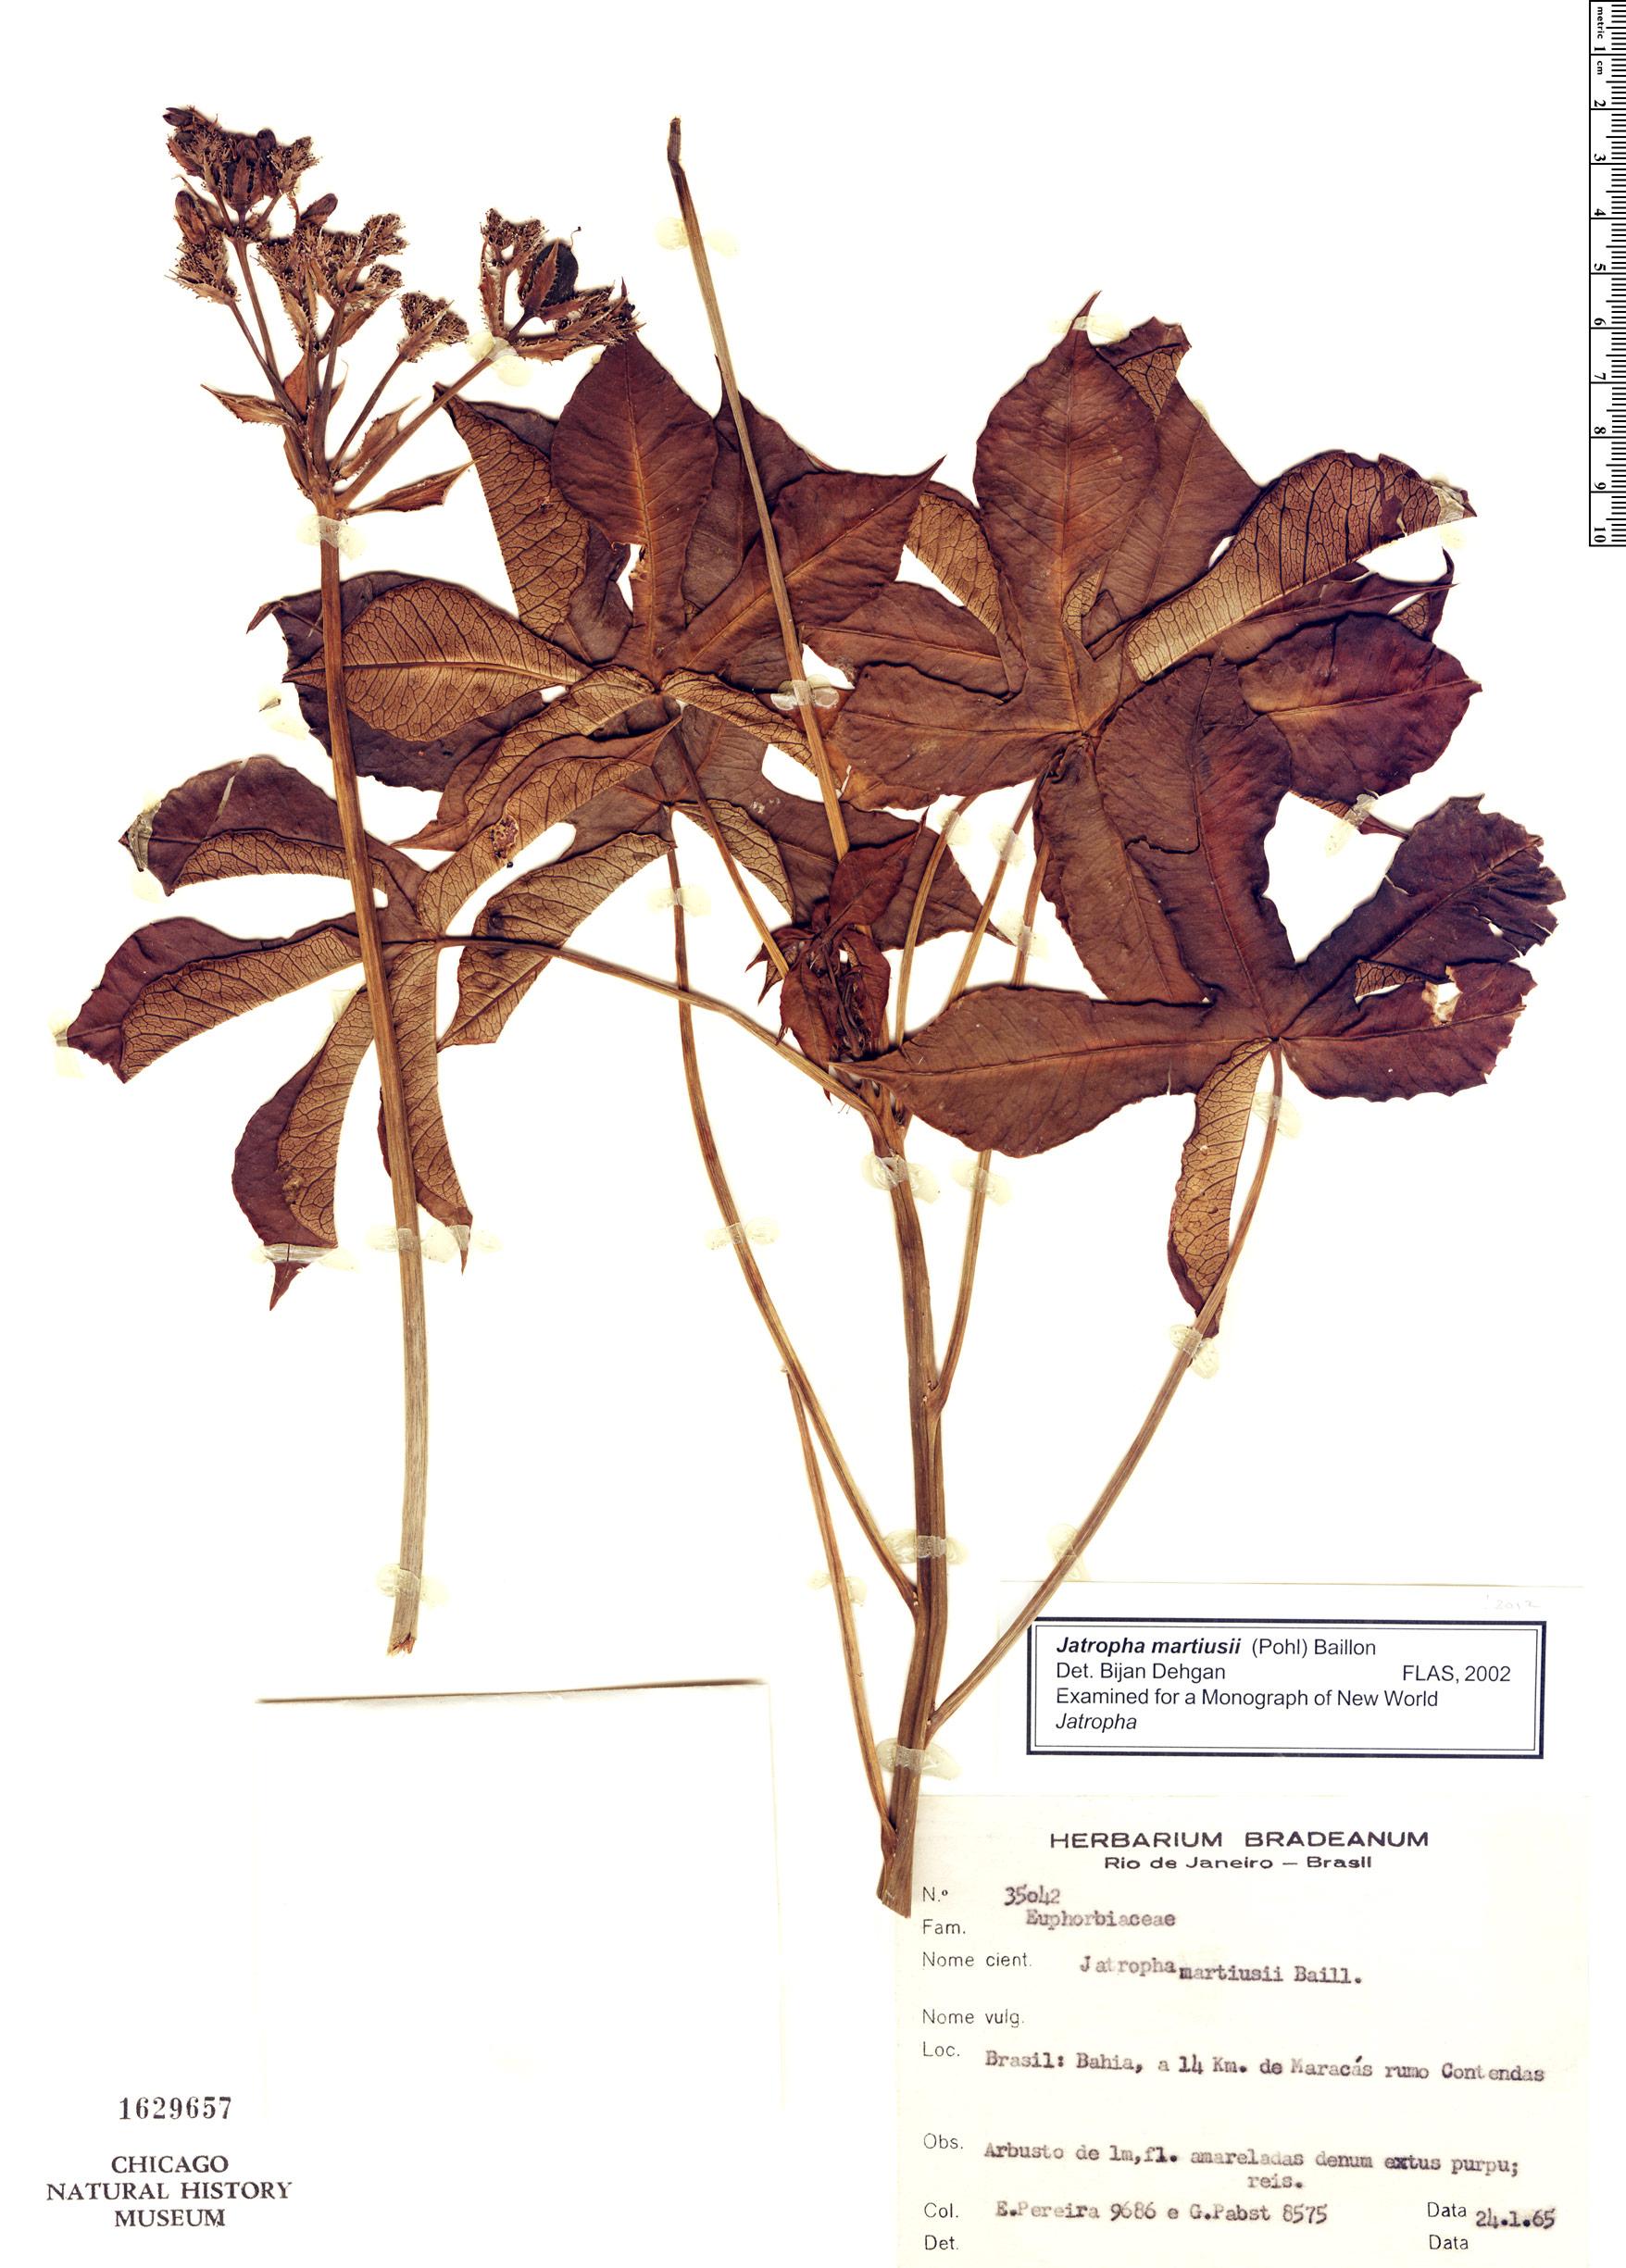 Specimen: Jatropha martiusii